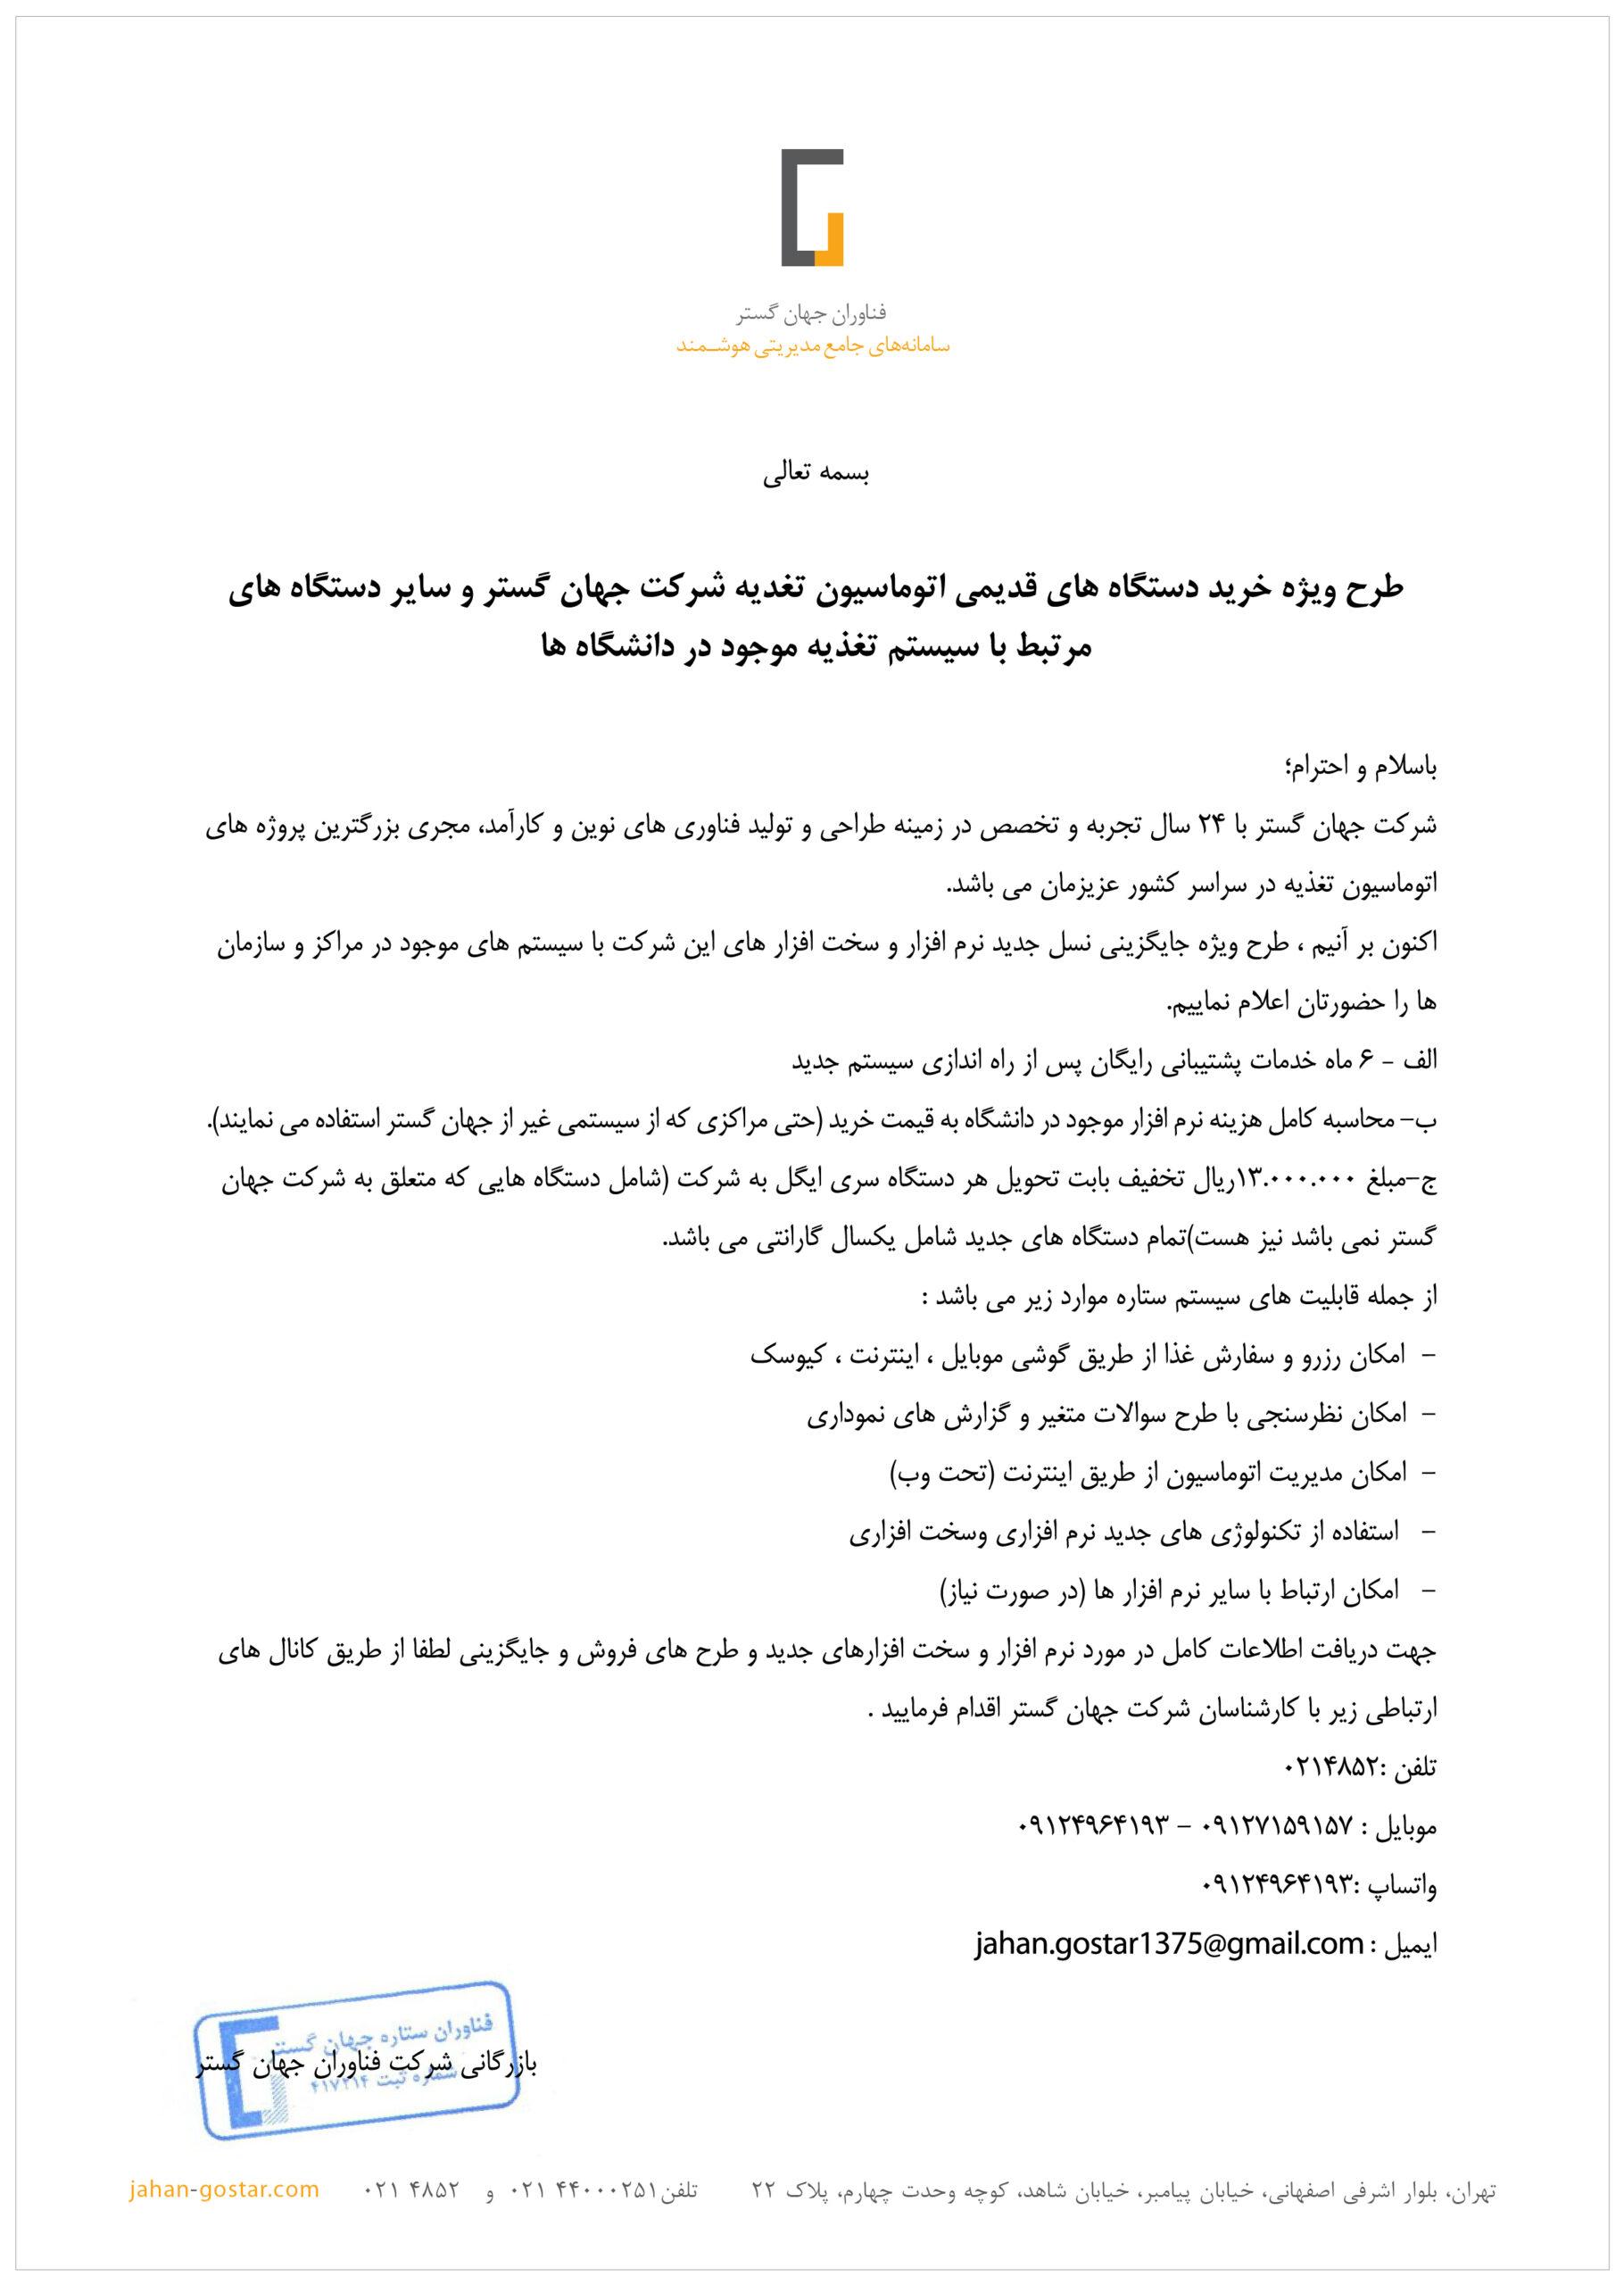 نامه رسمی طرح ویژه